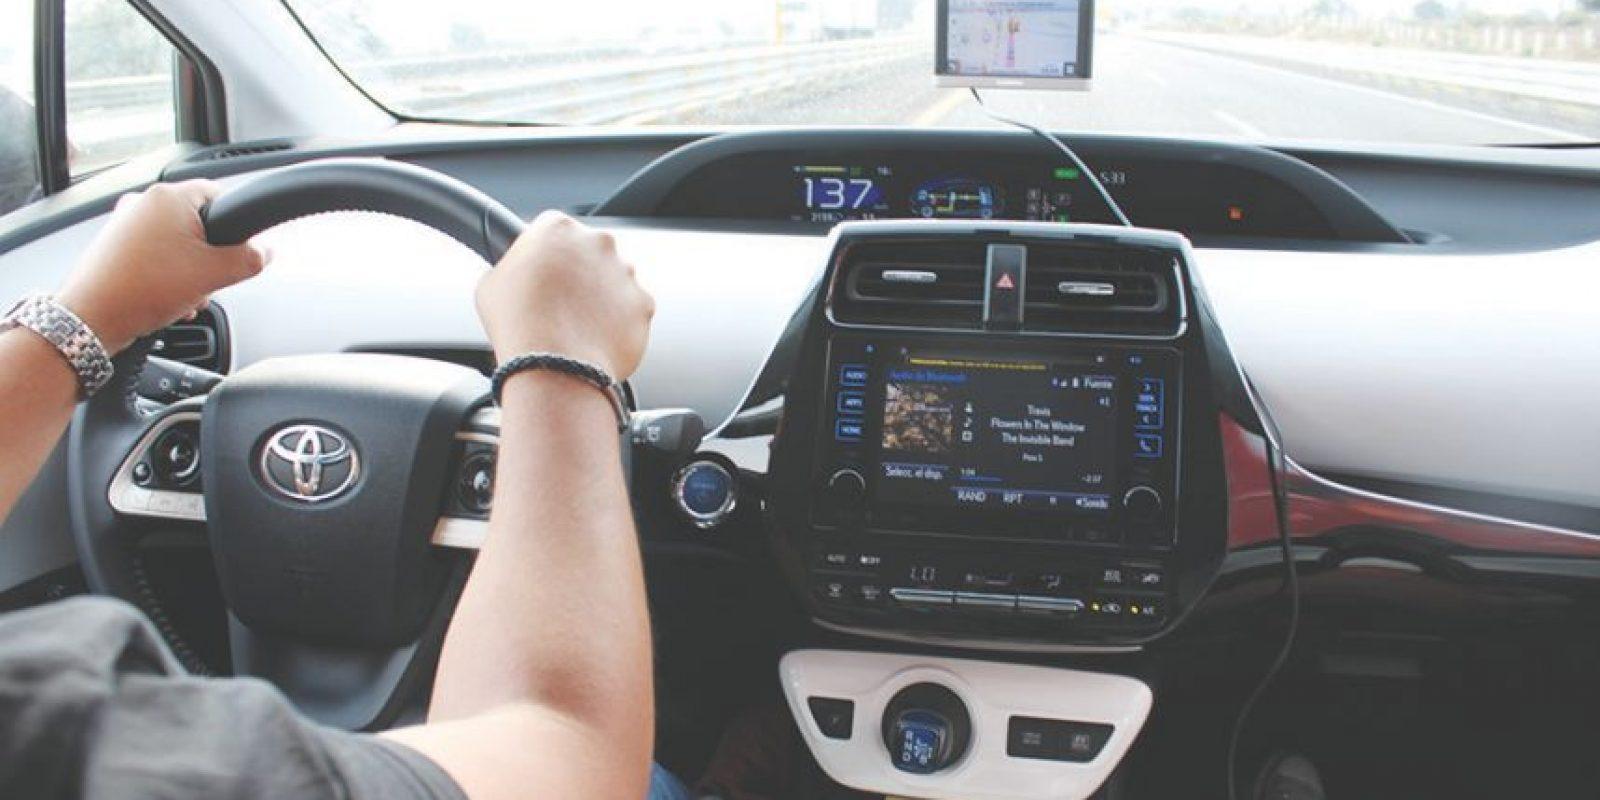 Fácil de entender, mejor para manejar, así es la cabina del Toyota Prius.